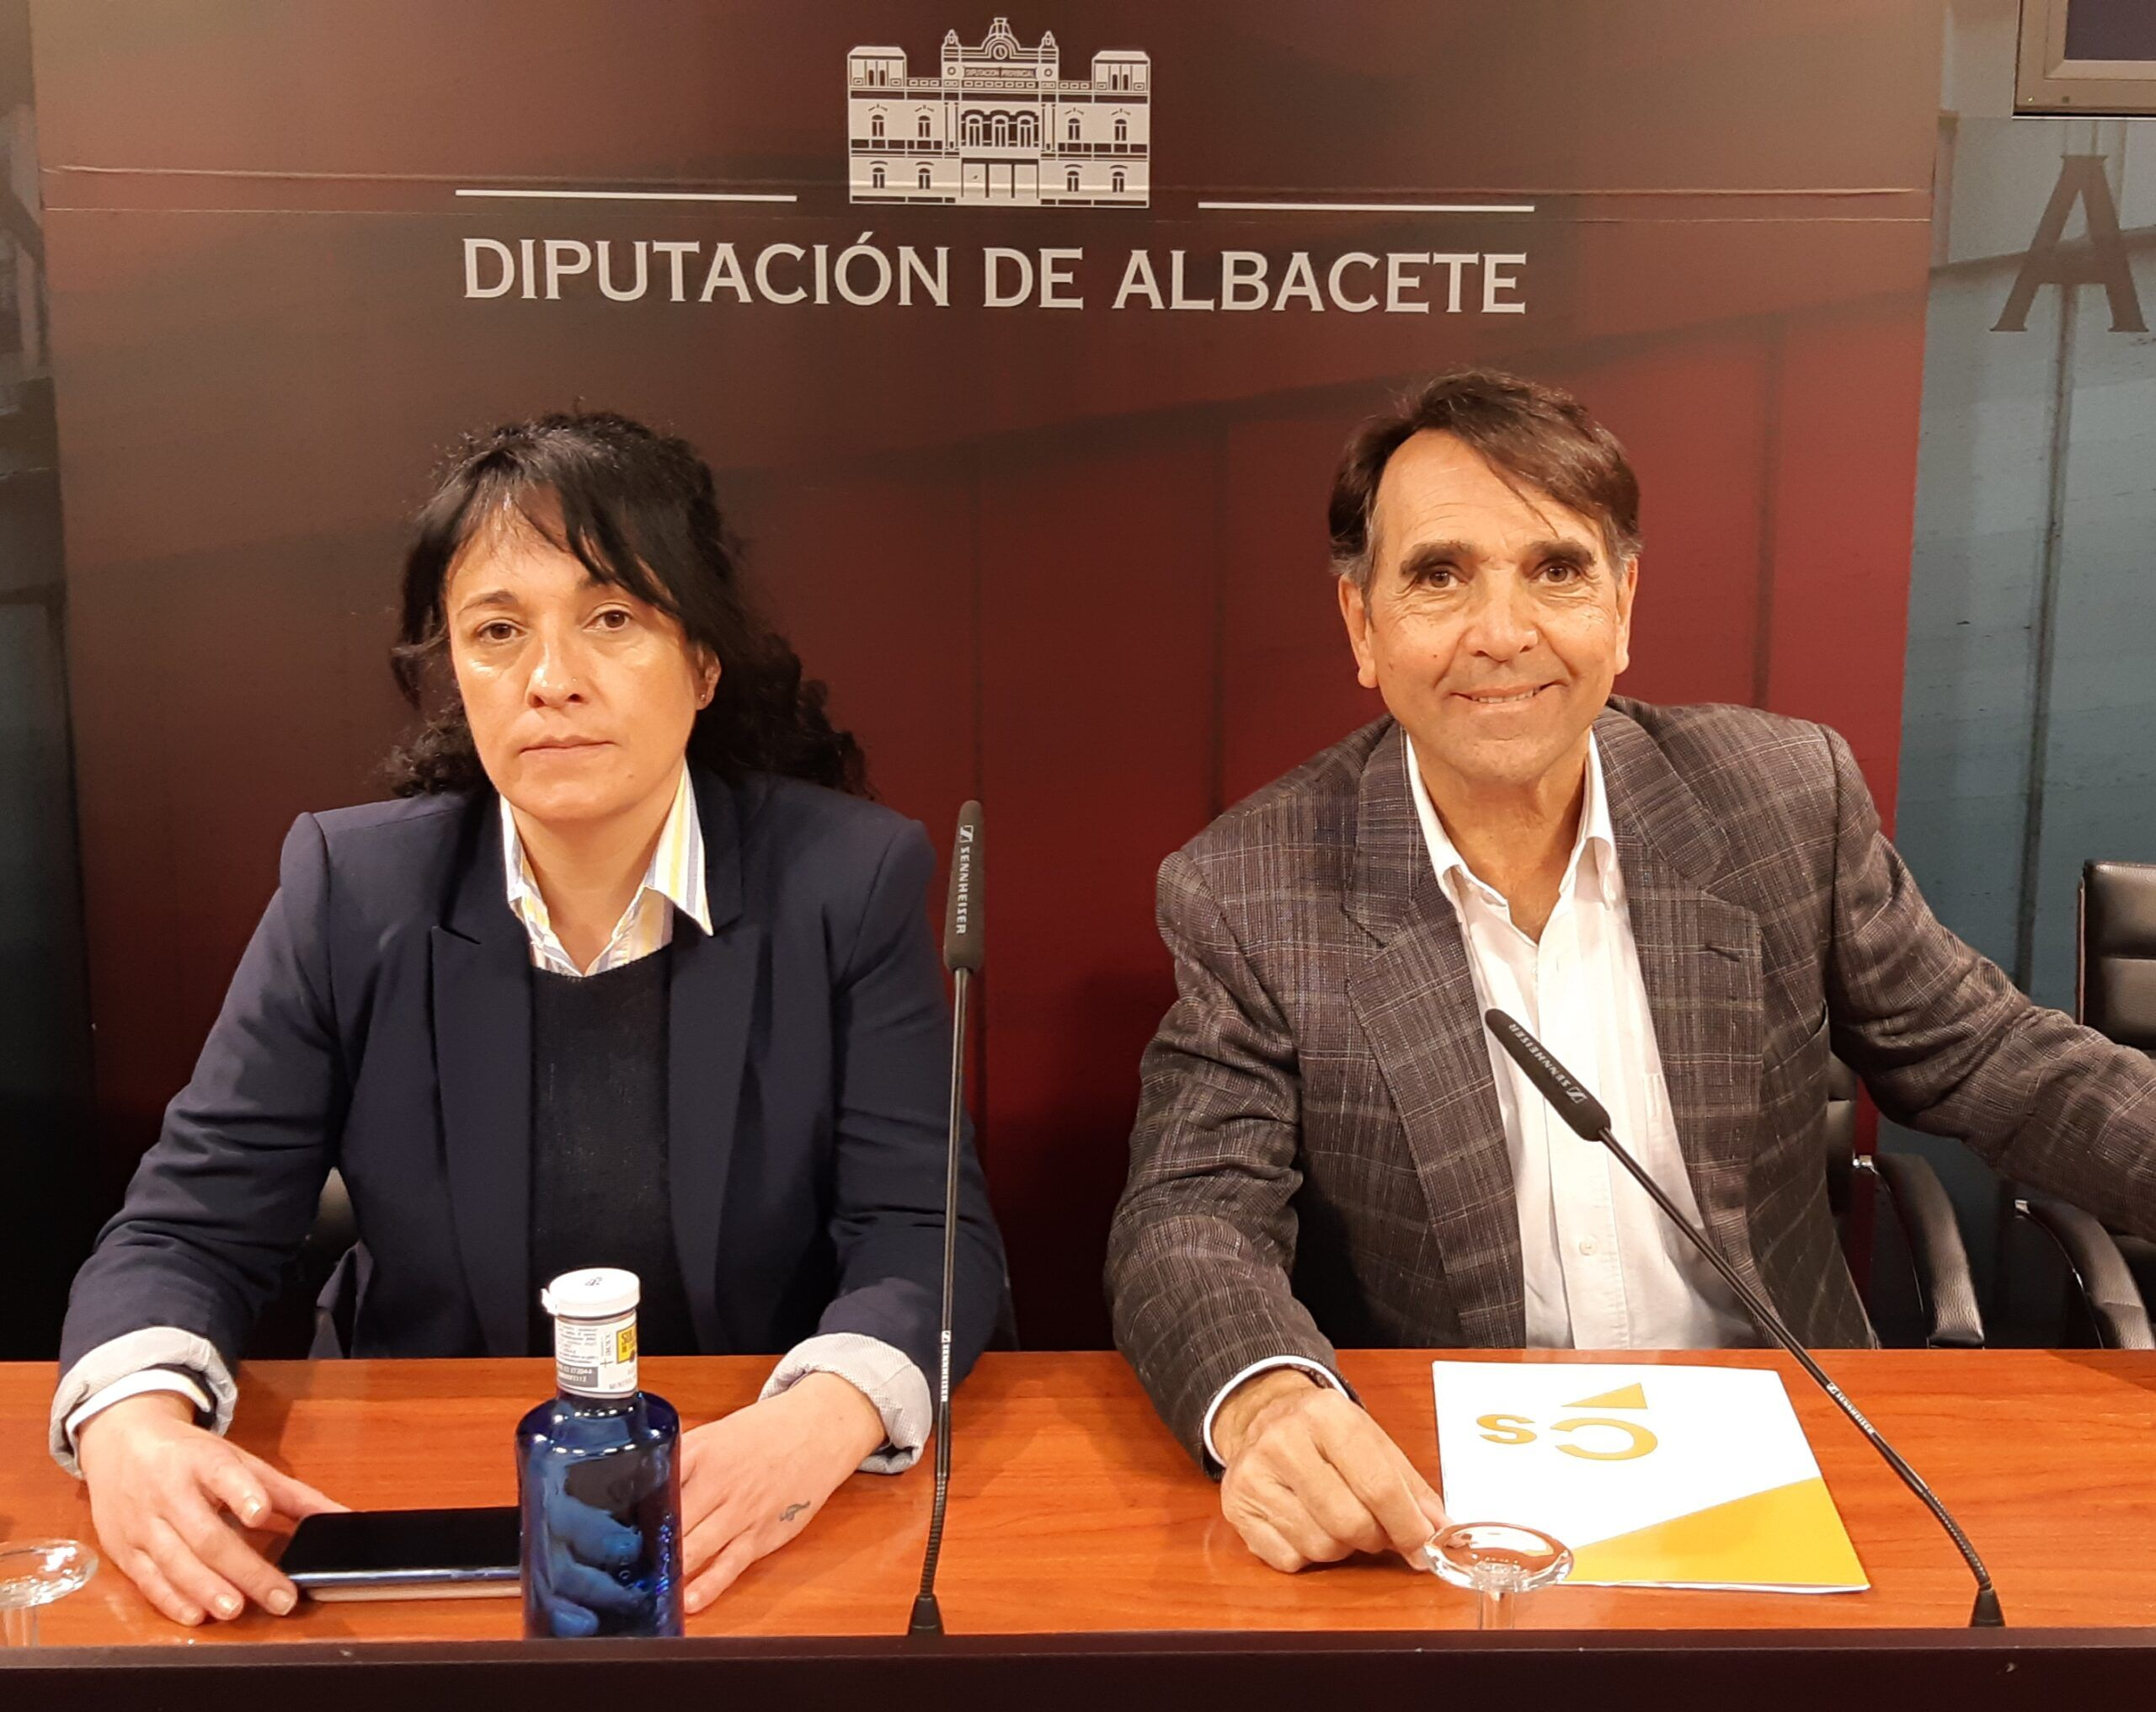 Ciudadanos Albacete pide la ampliación y modernización de la red de miradores paisajísticos